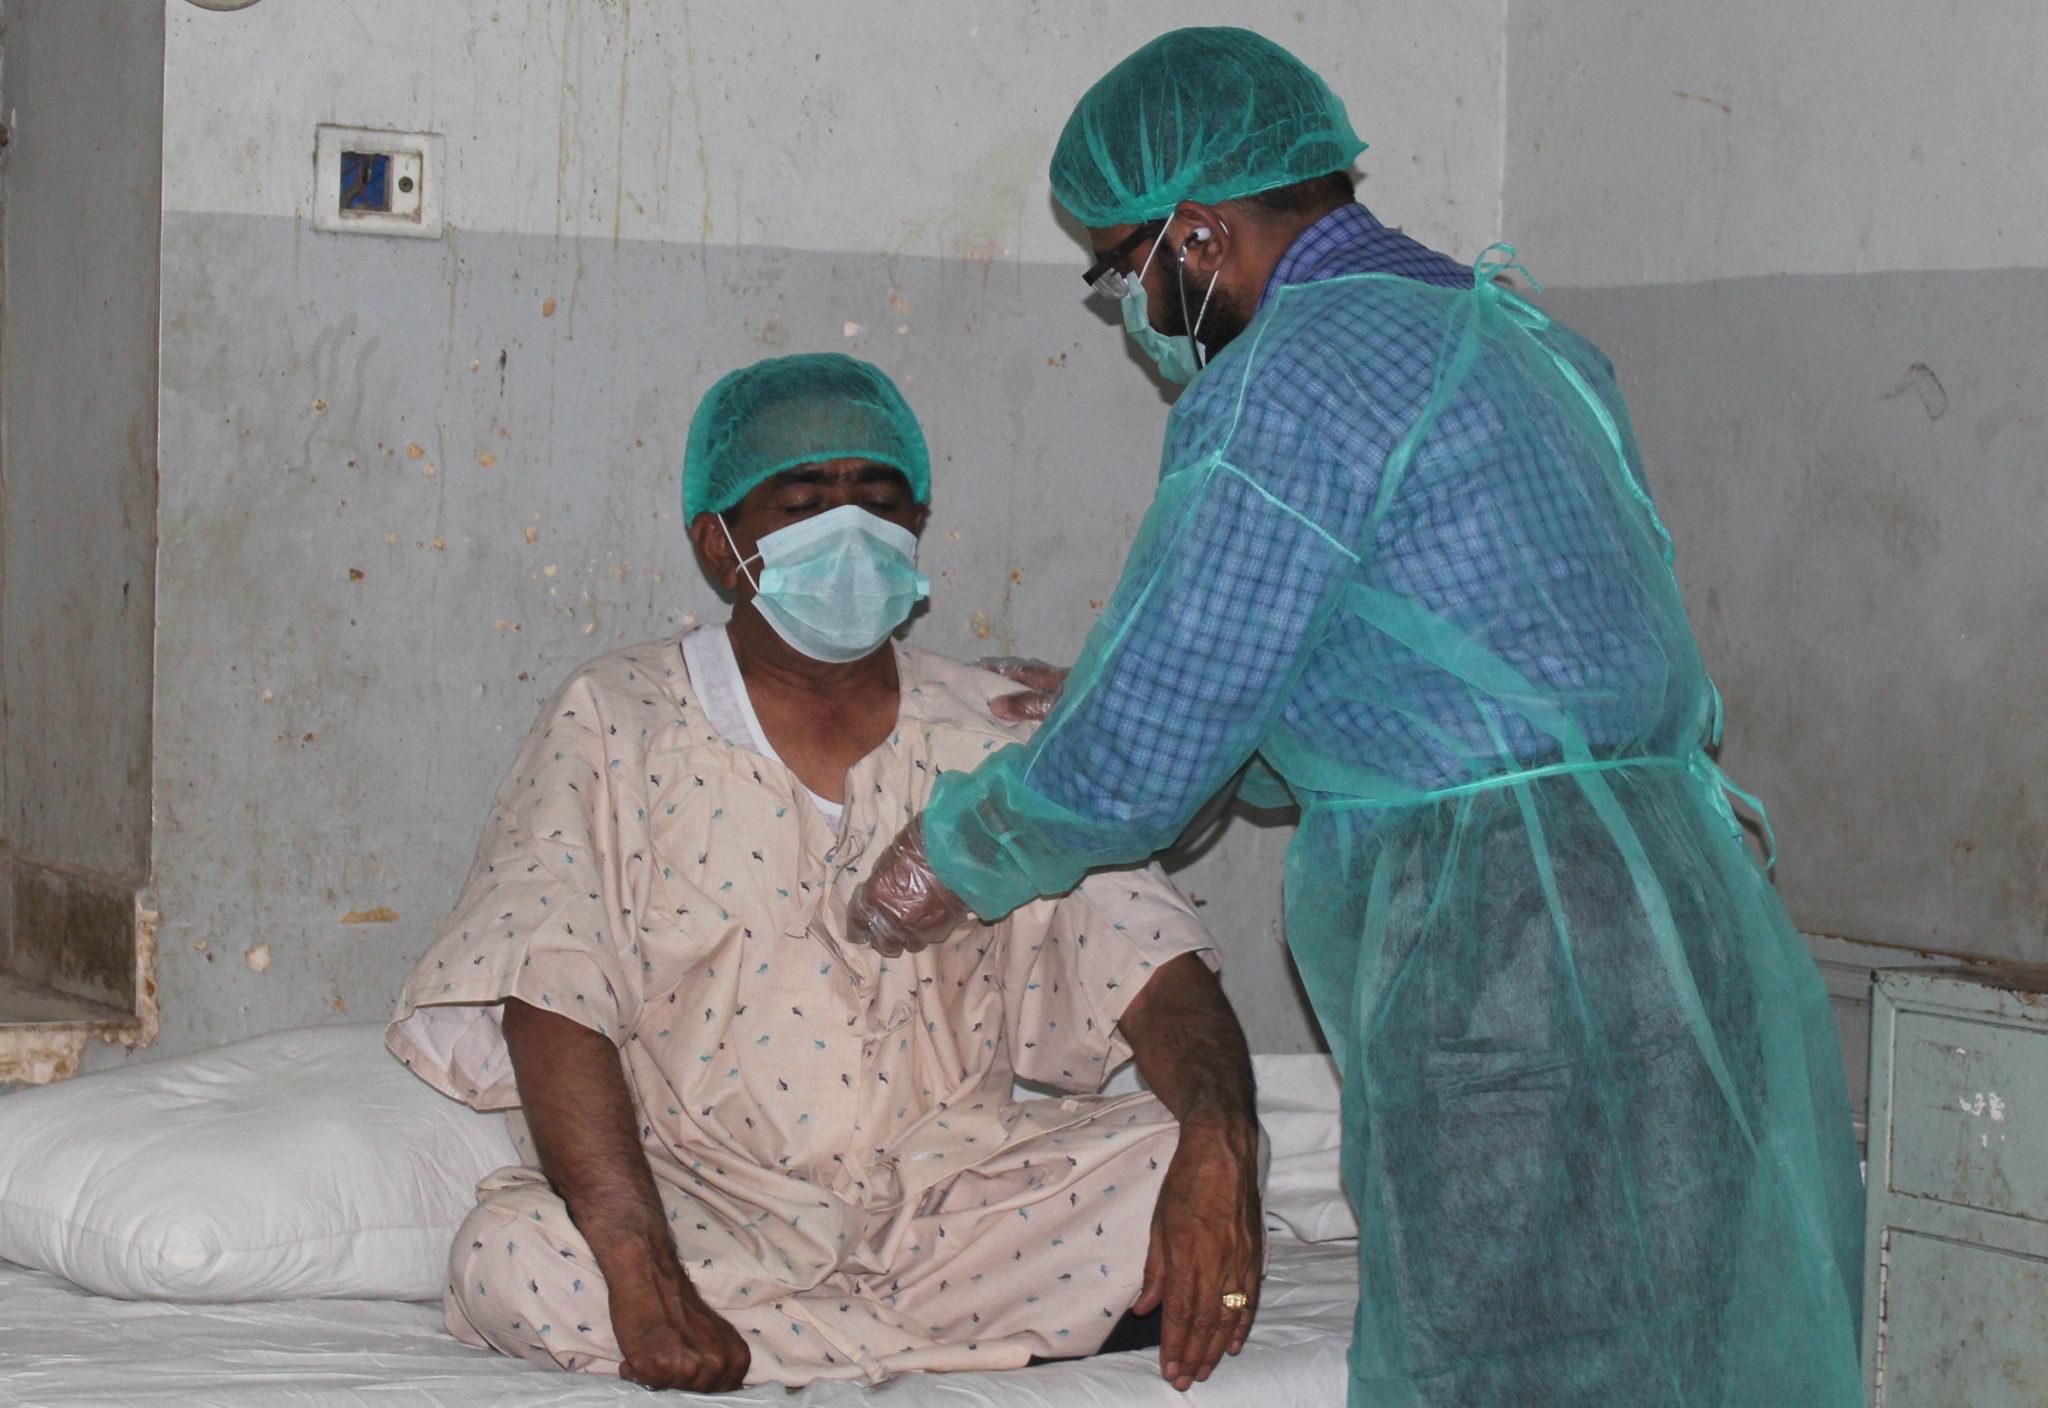 Pacjenci z podejrzeniem koronawirusa w Pakistanie. Fot. EPA/NADEEM KHAWER